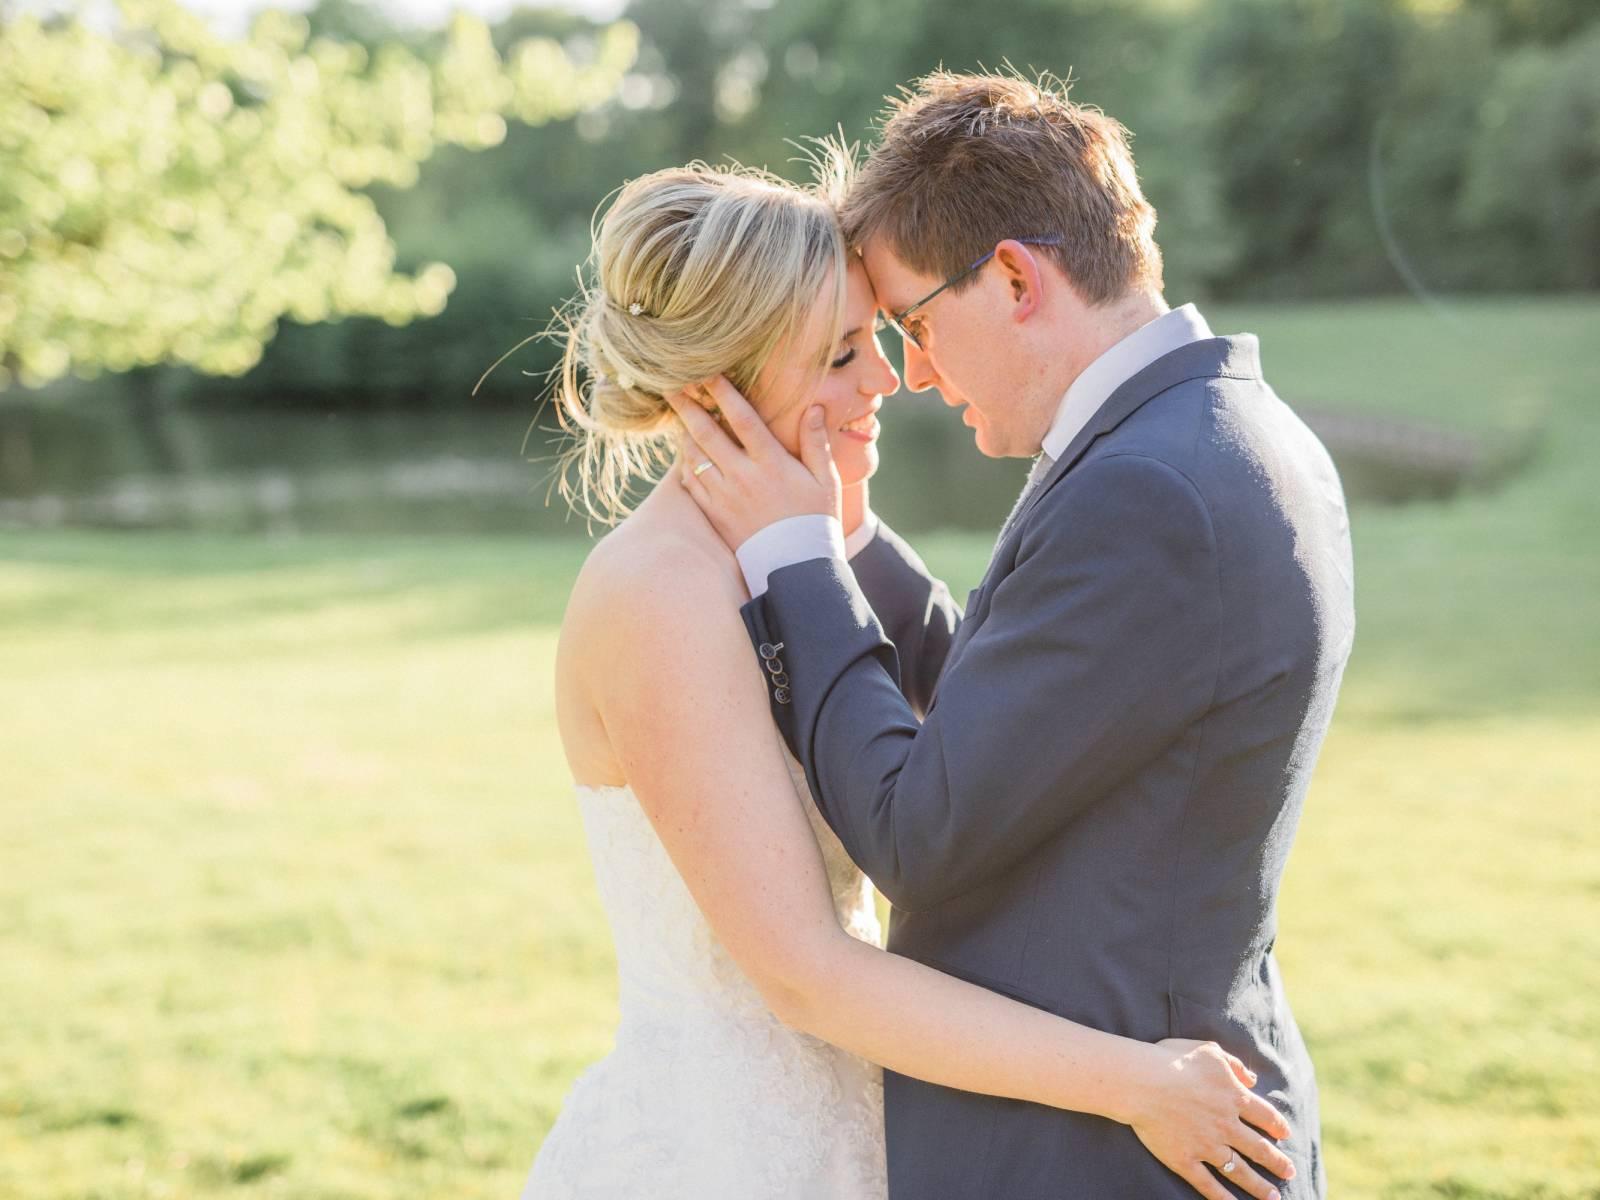 Alle Gebeure - wedding planner - fotograaf Elisabeth Van Lent - House of Weddings (8)